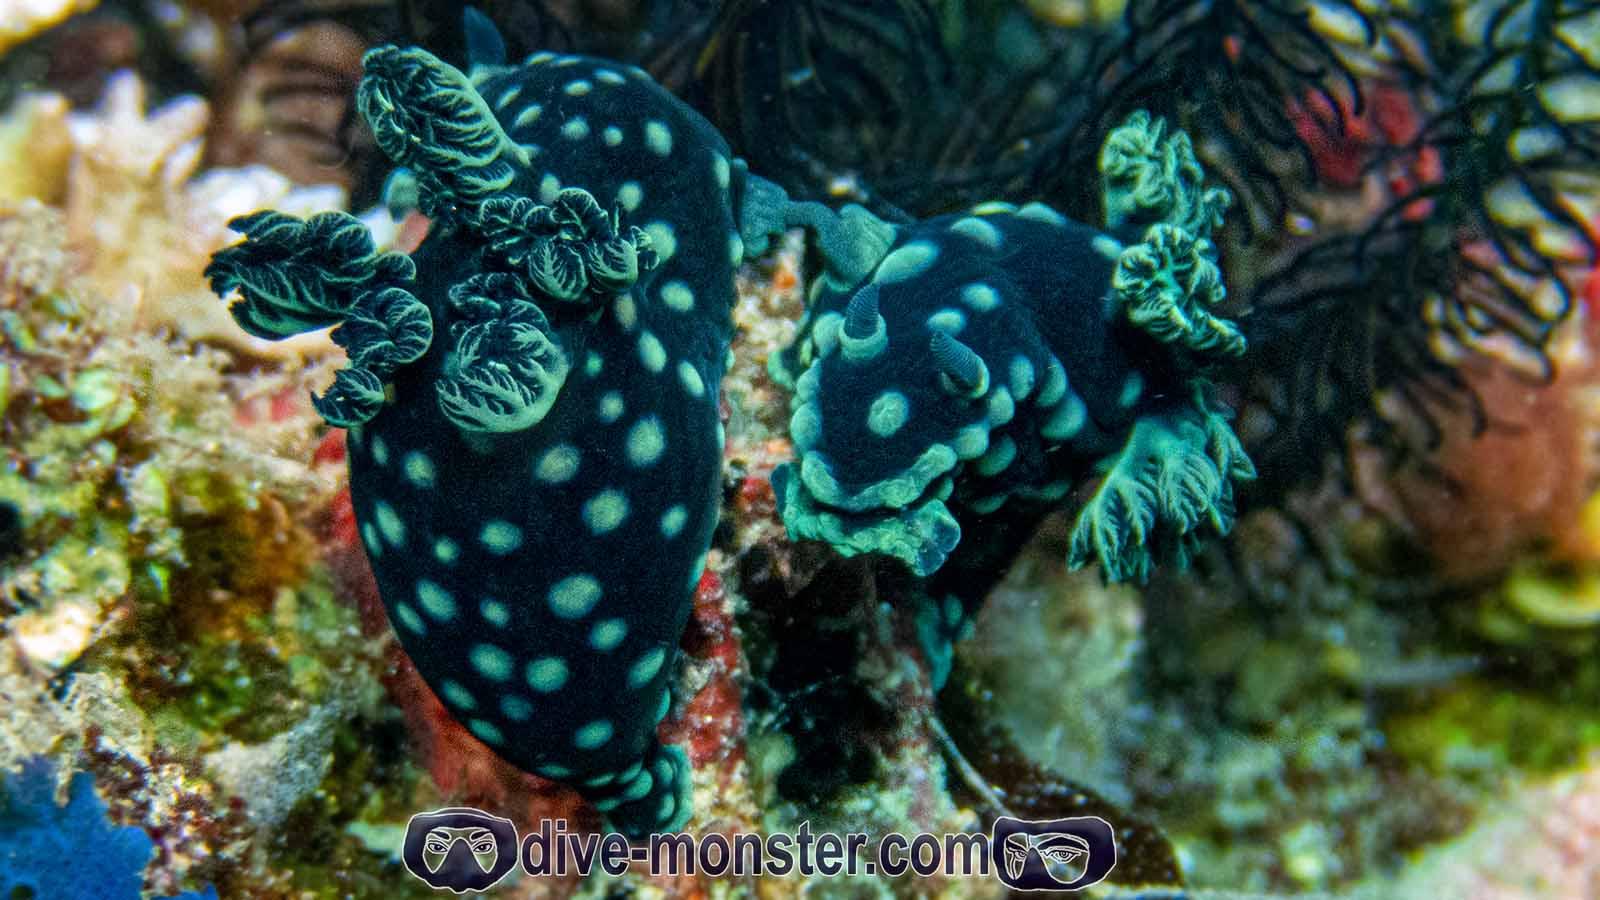 Basak Zamboanguita - Nudibranch Sex